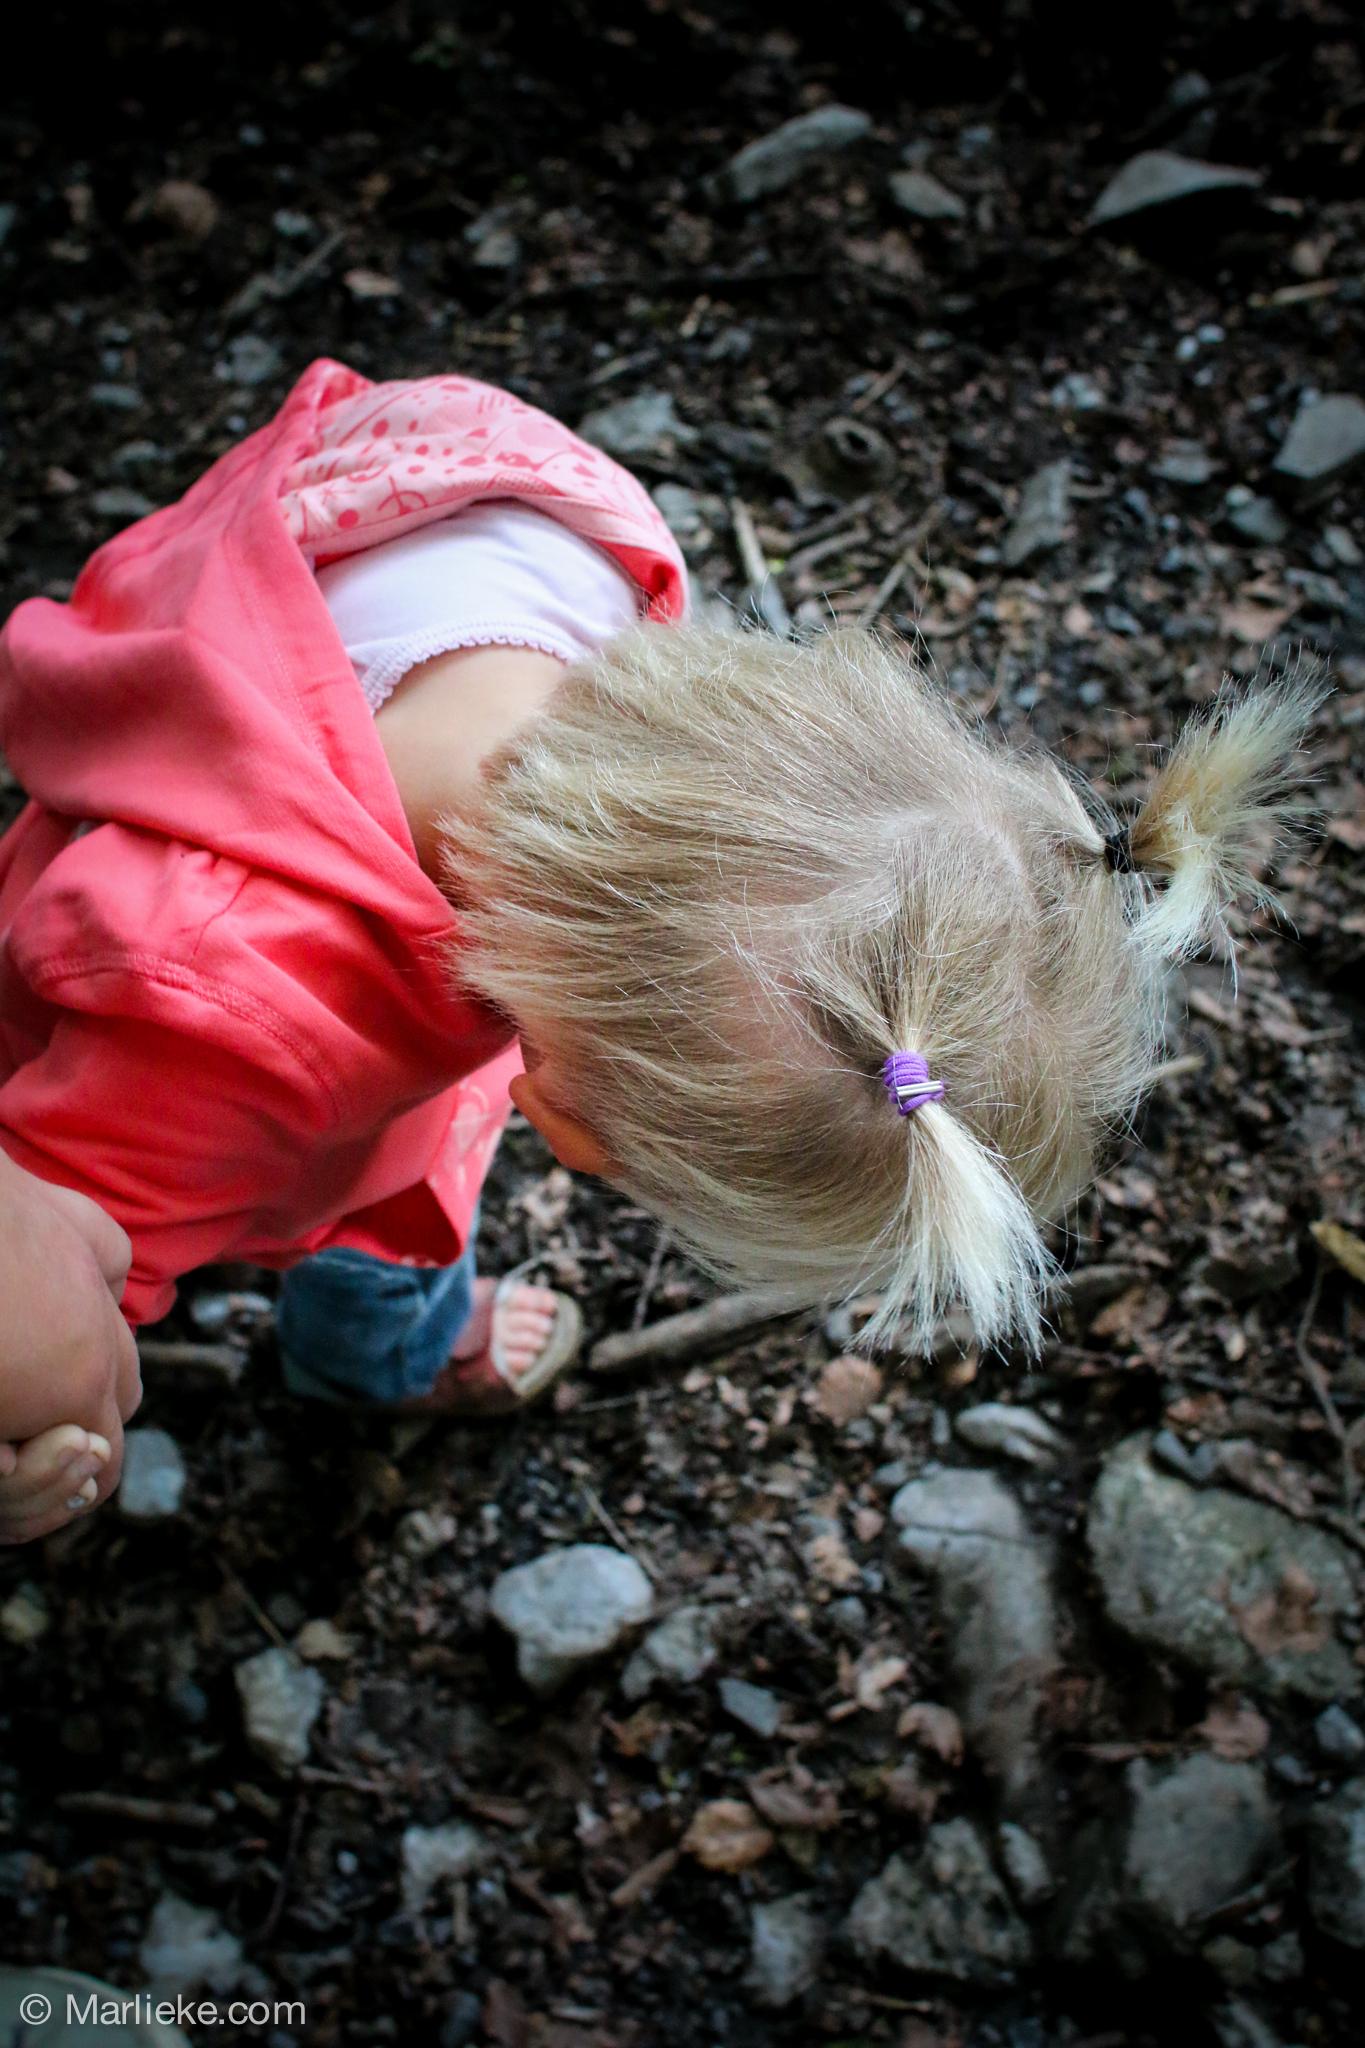 We namen een pad naar beneden en moesten daarna weer omhoog. Arm meisje vond dr voetjes zo vies!